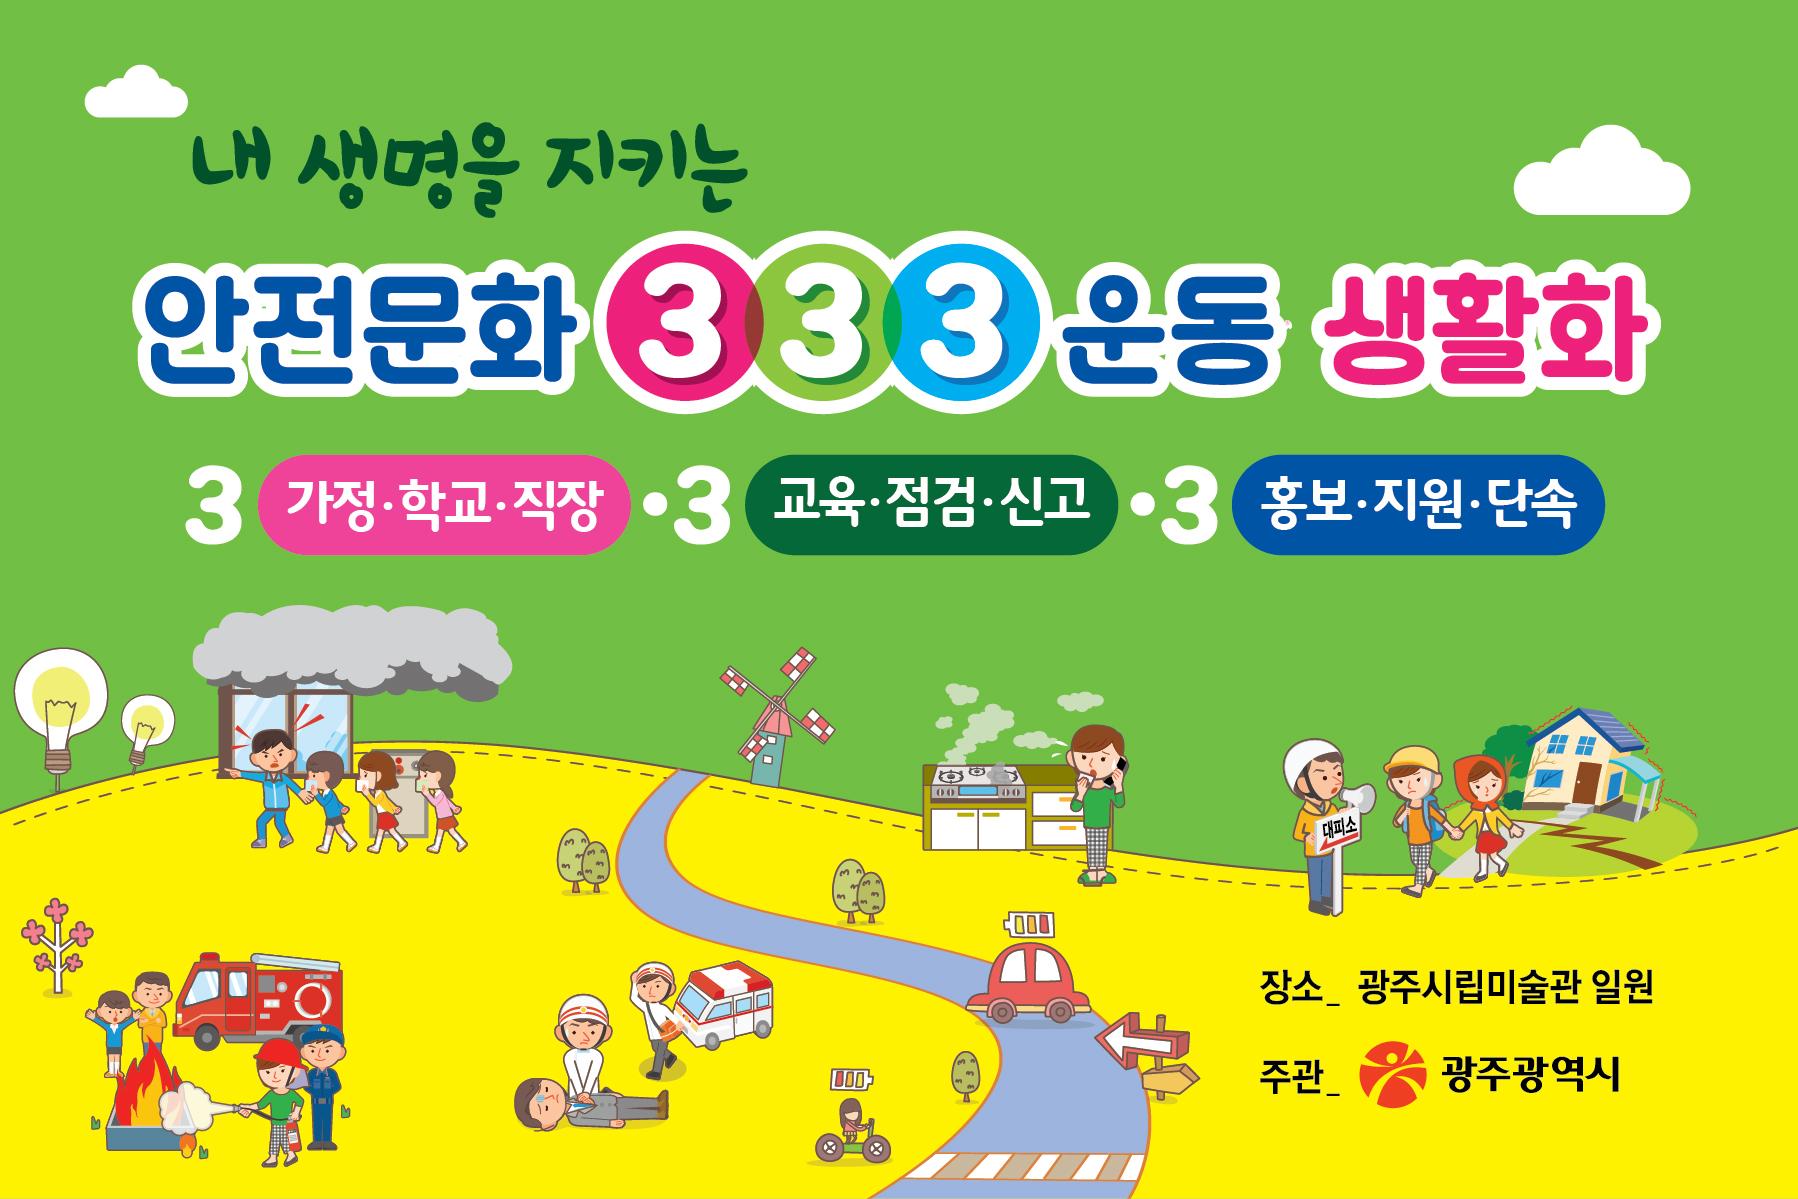 광주 안전 캠페인